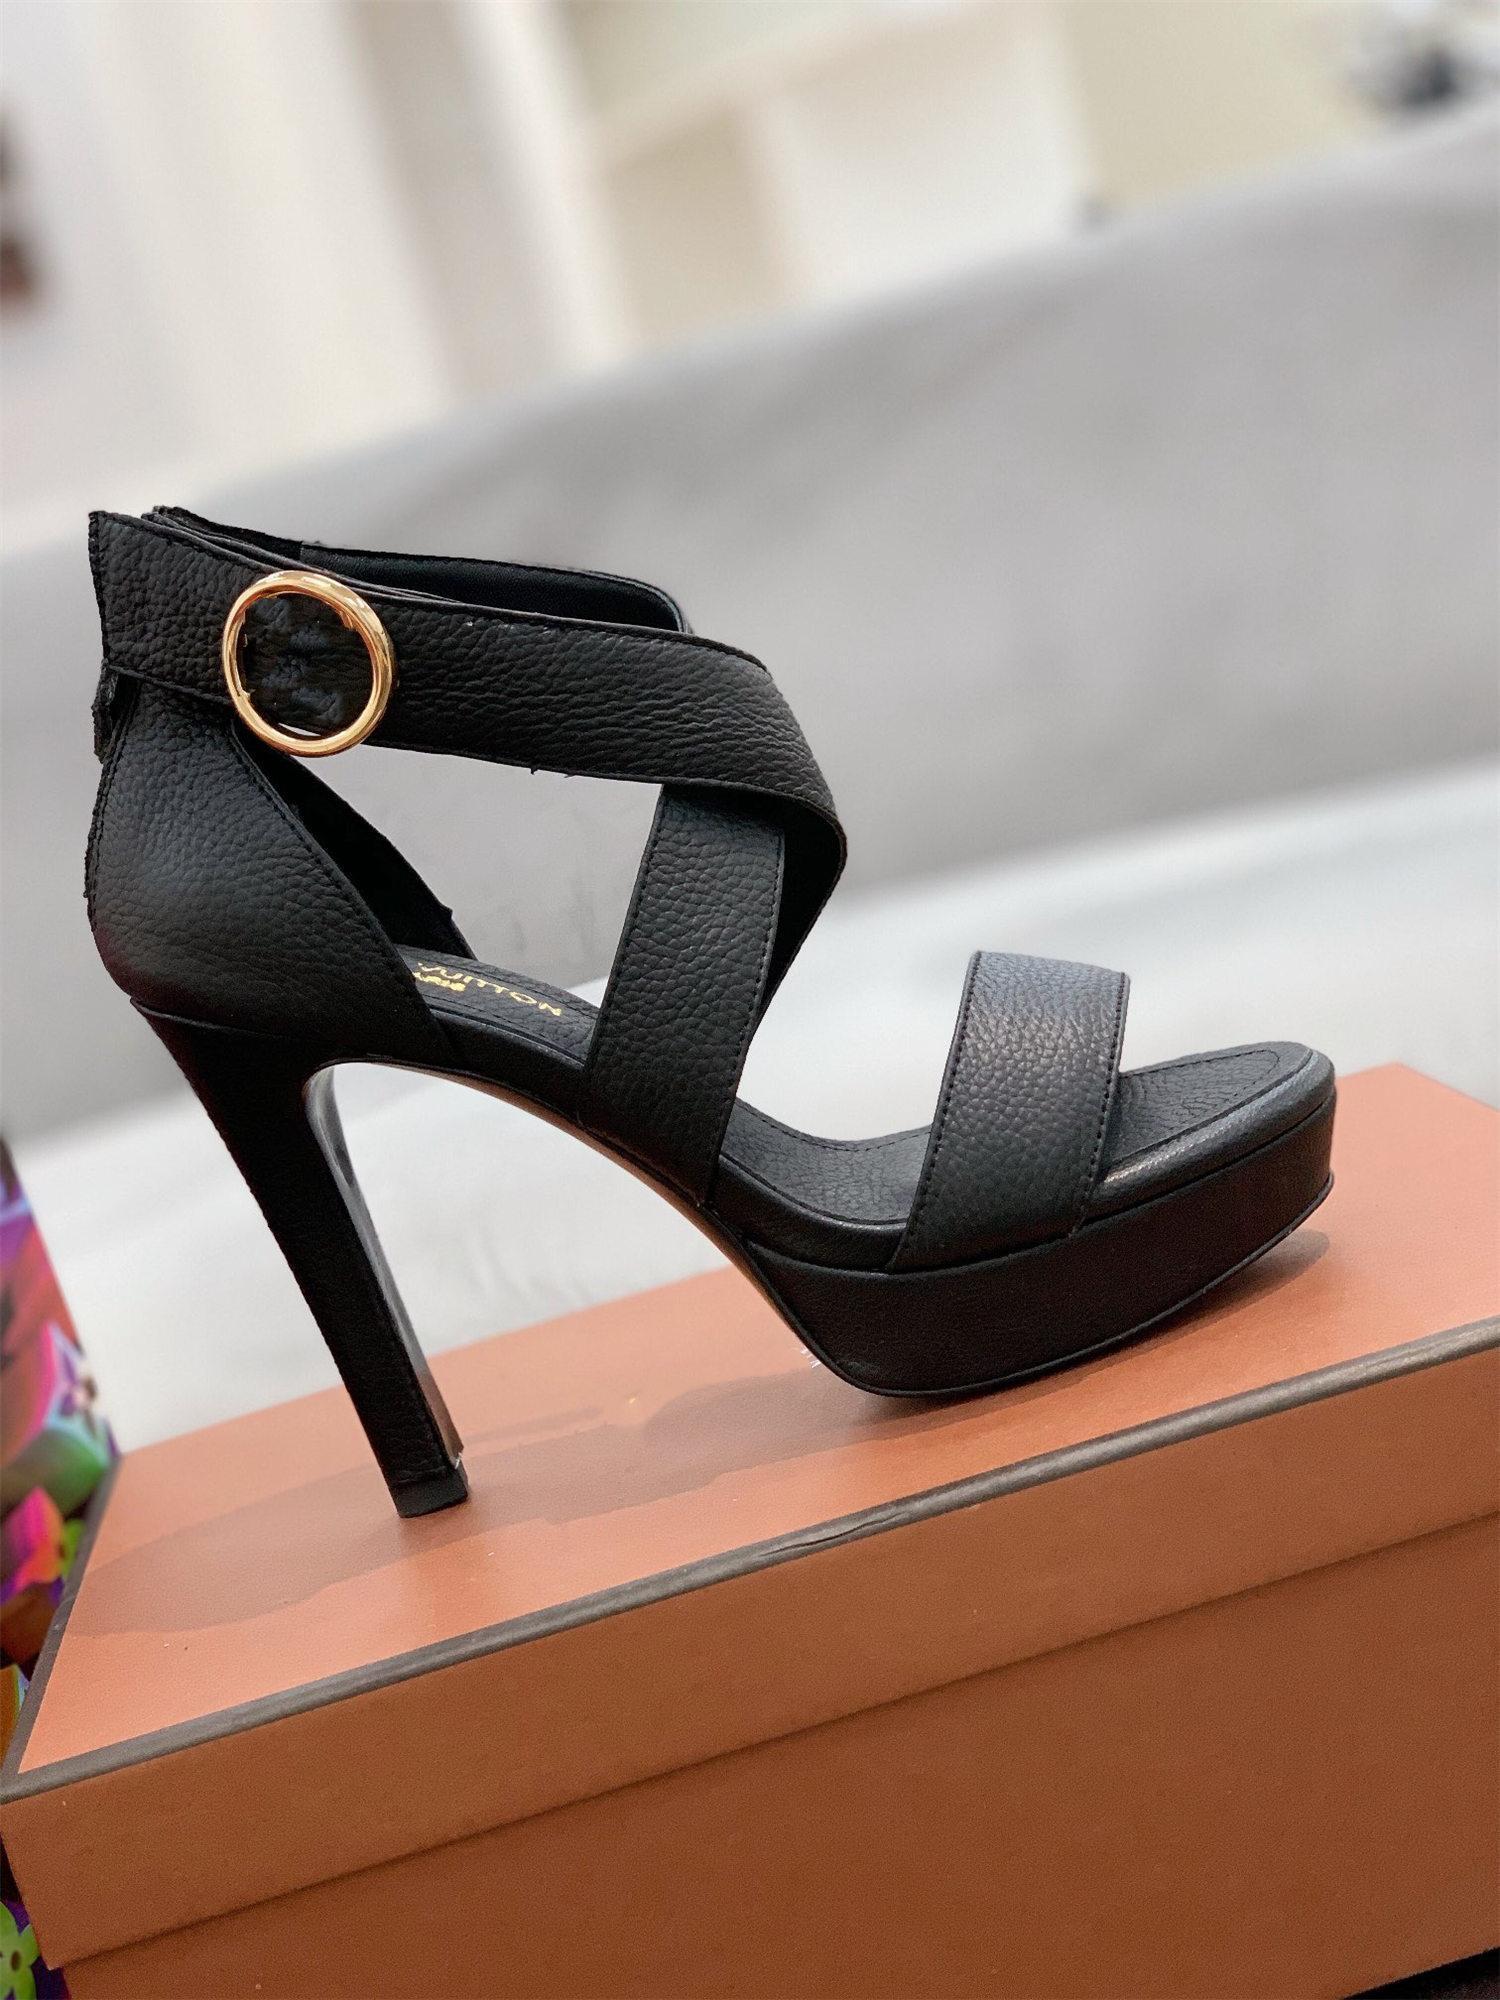 2021 Europäische und amerikanische Sandalen Frühling Sommer Open-Toe Stiletto High-Heeled Shoes One Word Schnalle Plattform Solide Farbe Frauen Größe